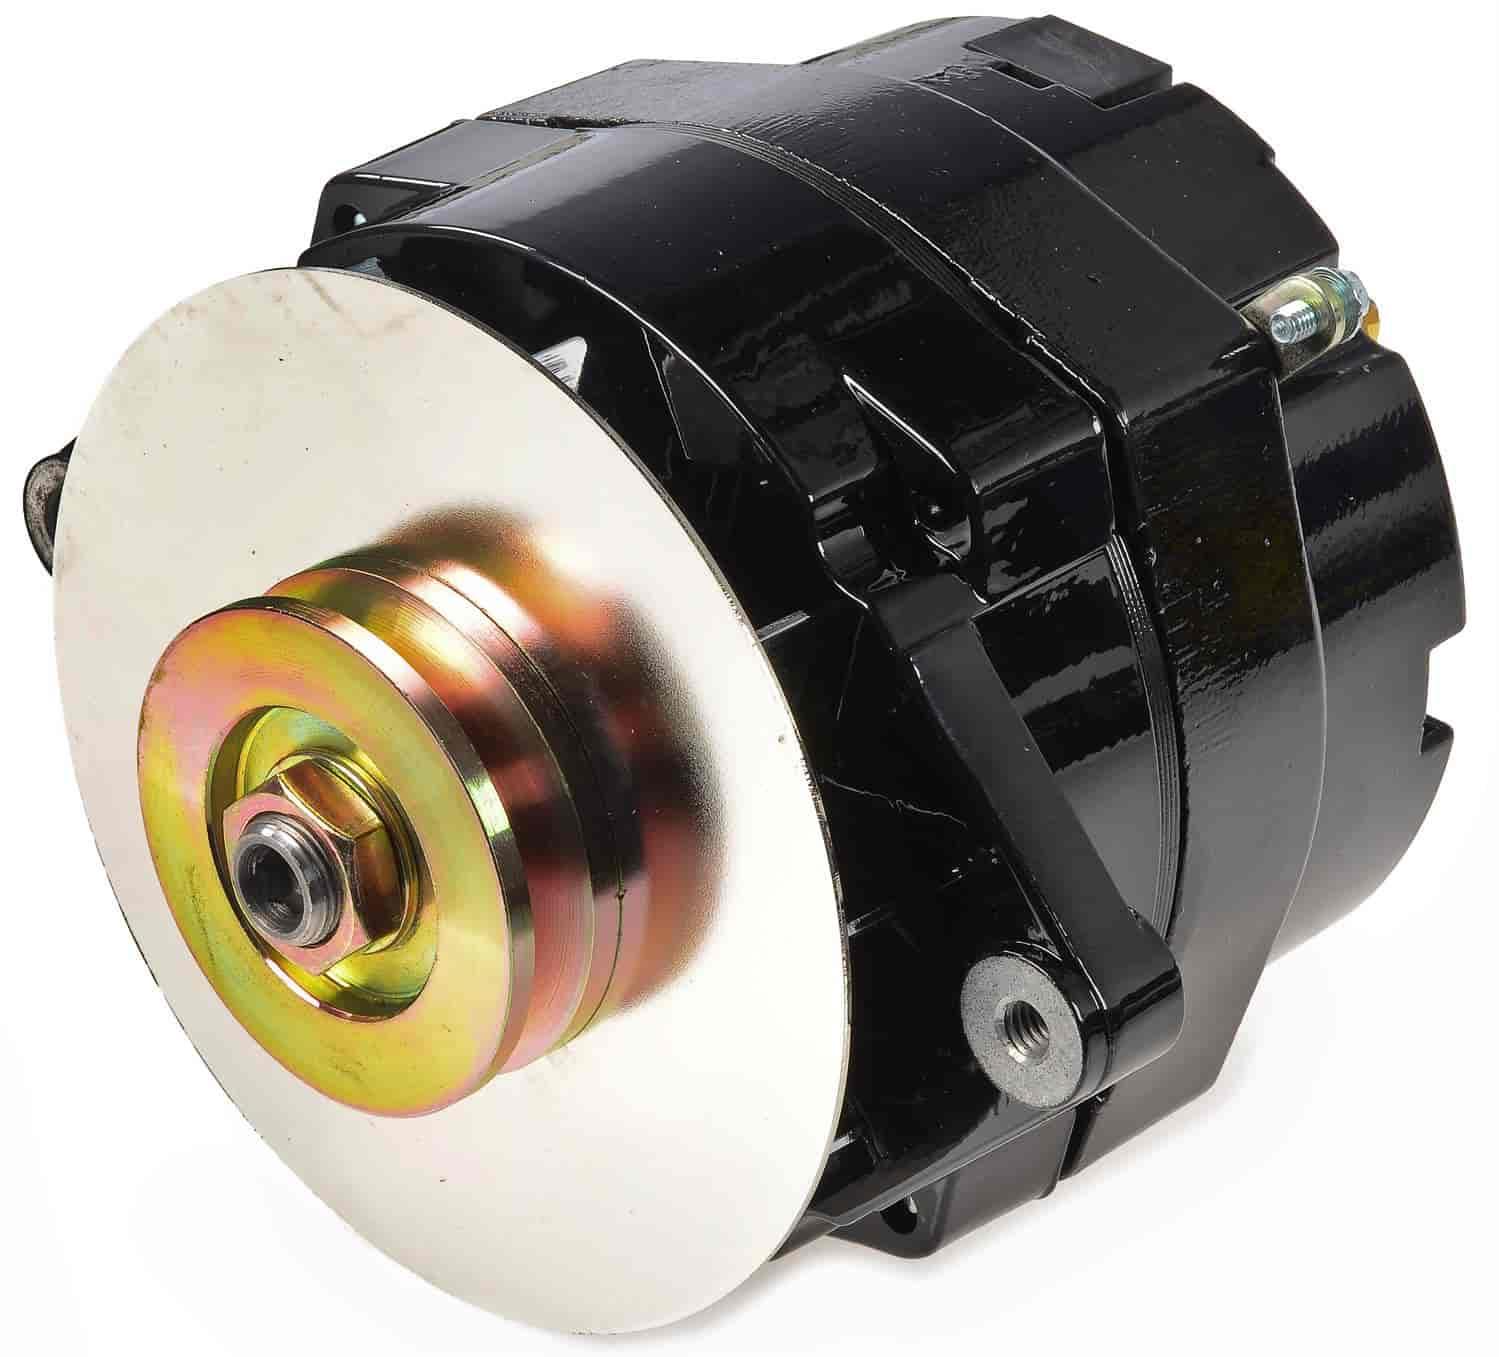 jegs 10120 black 1 wire gm alternator 100 amps jegsjegs black 1 wire gm alternator 100 amps jegs 10120